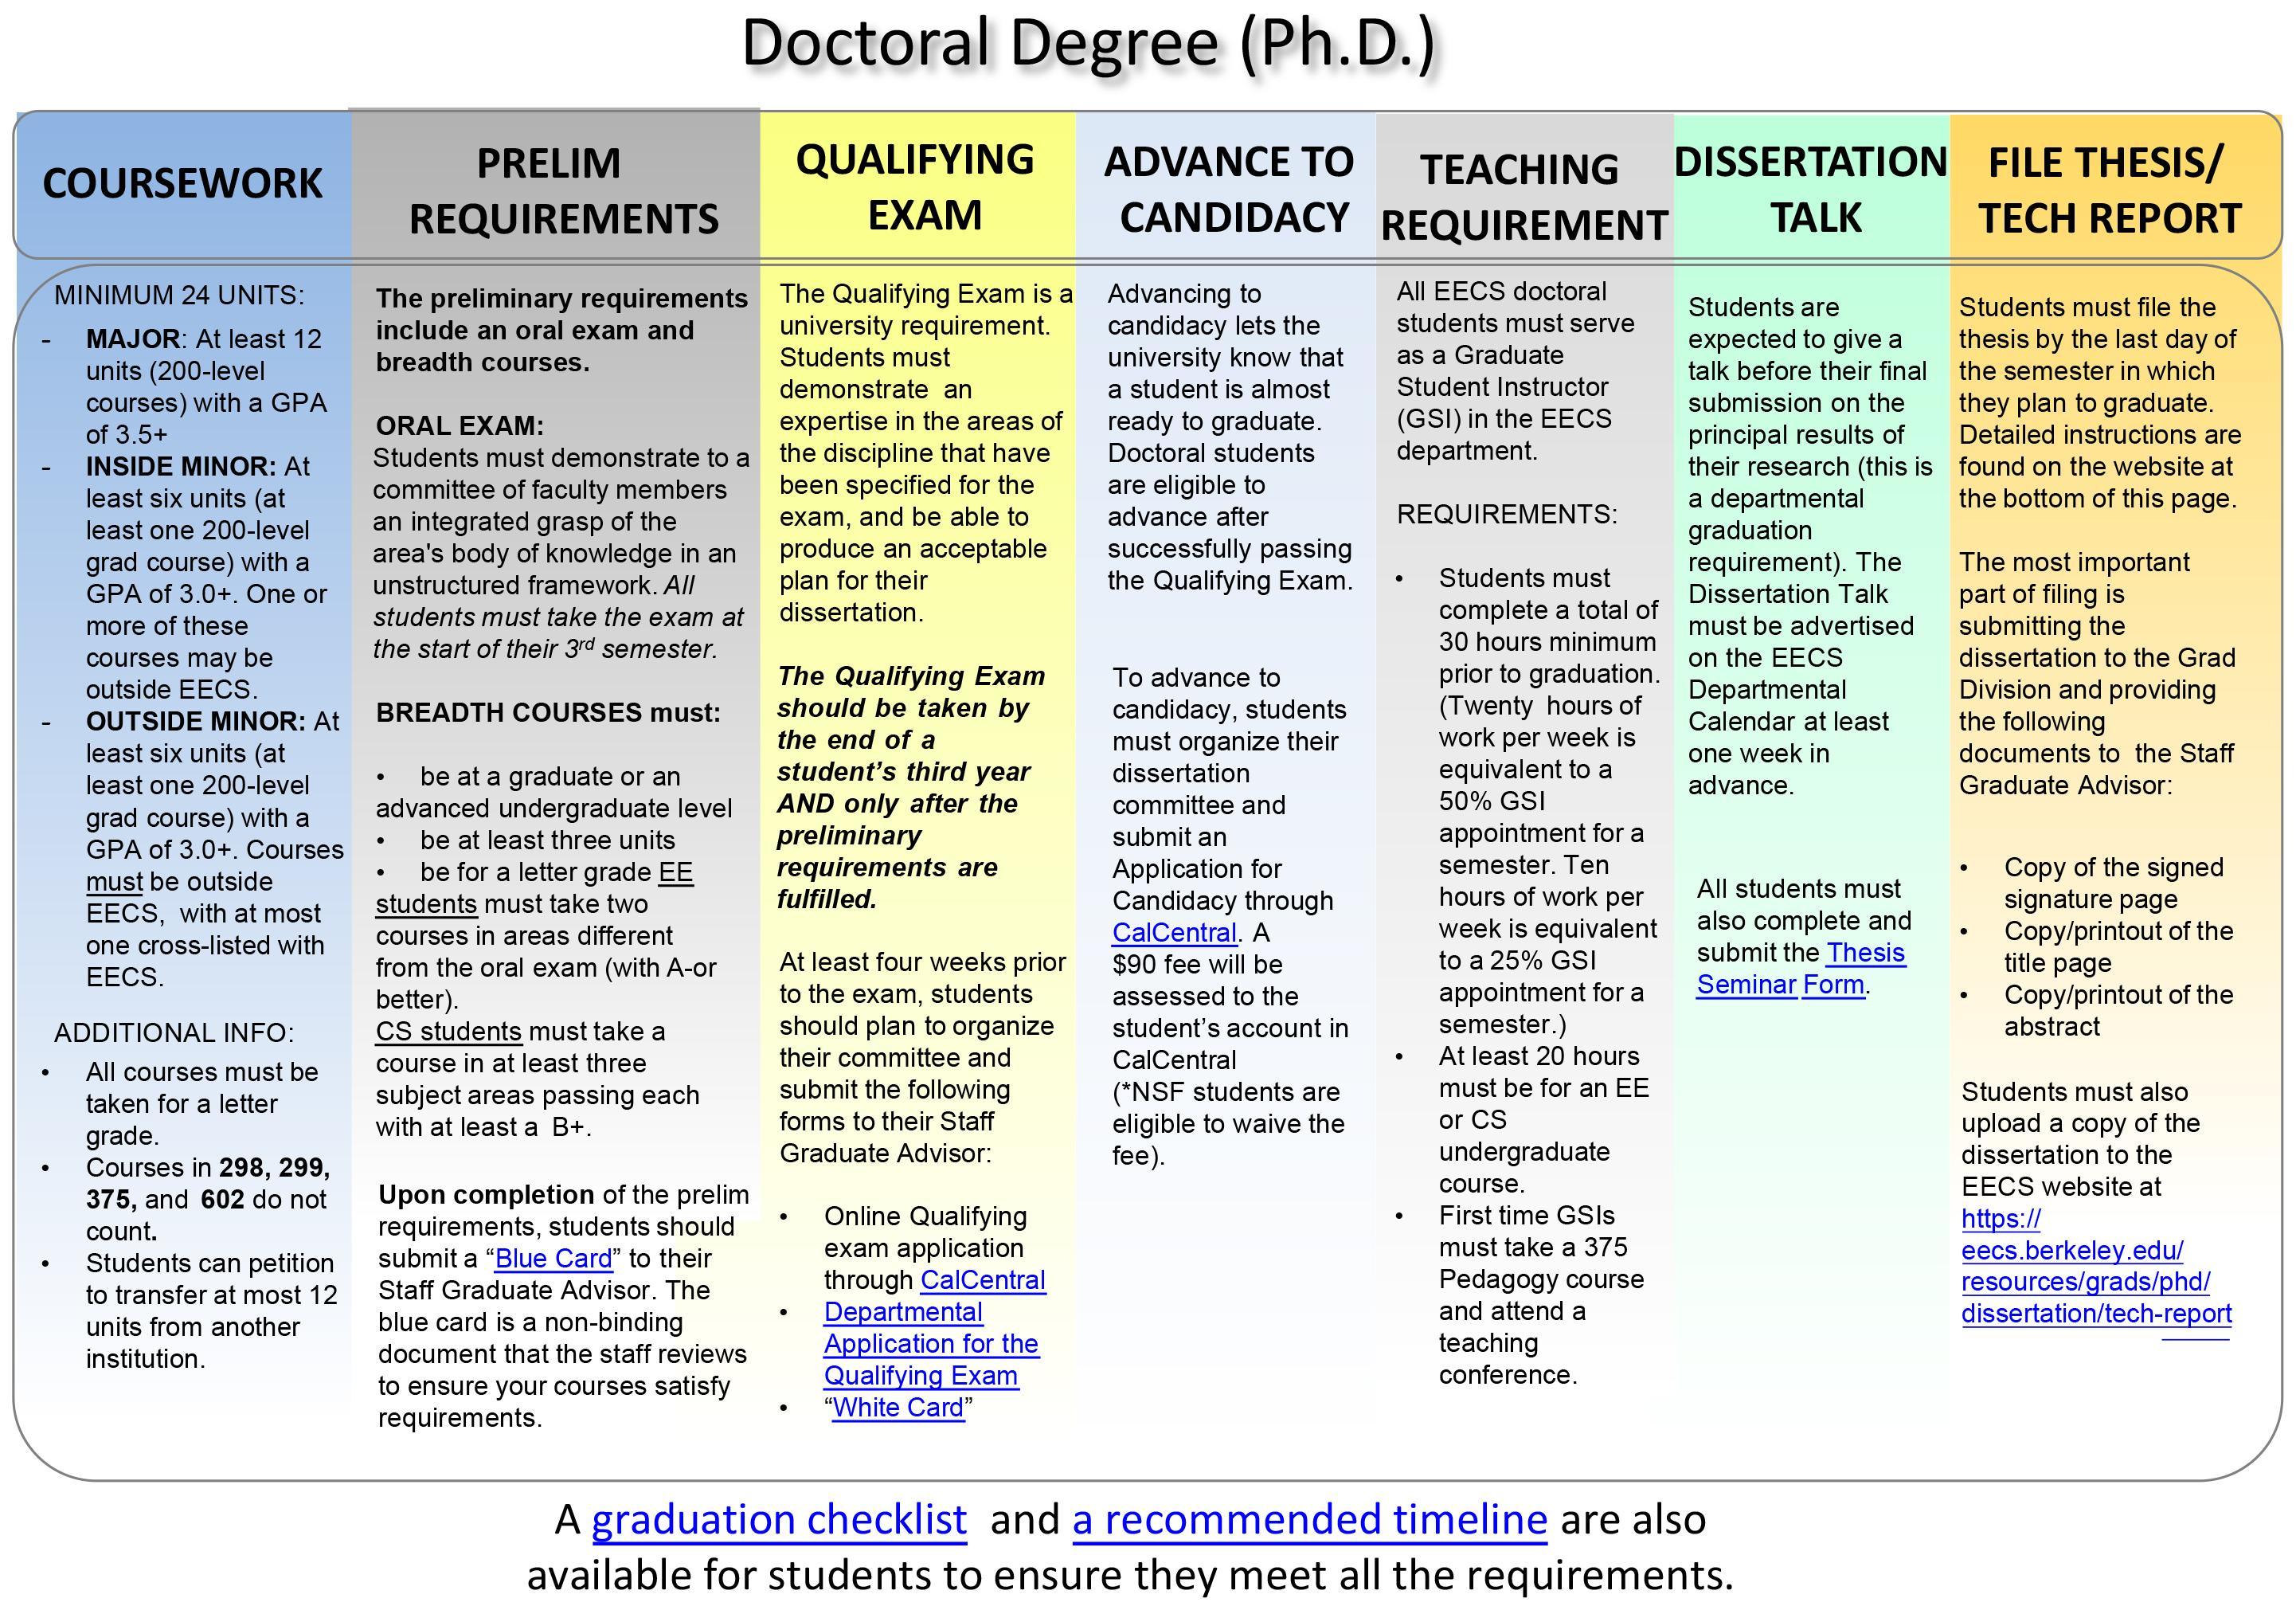 Berkeley dissertation filing deadline